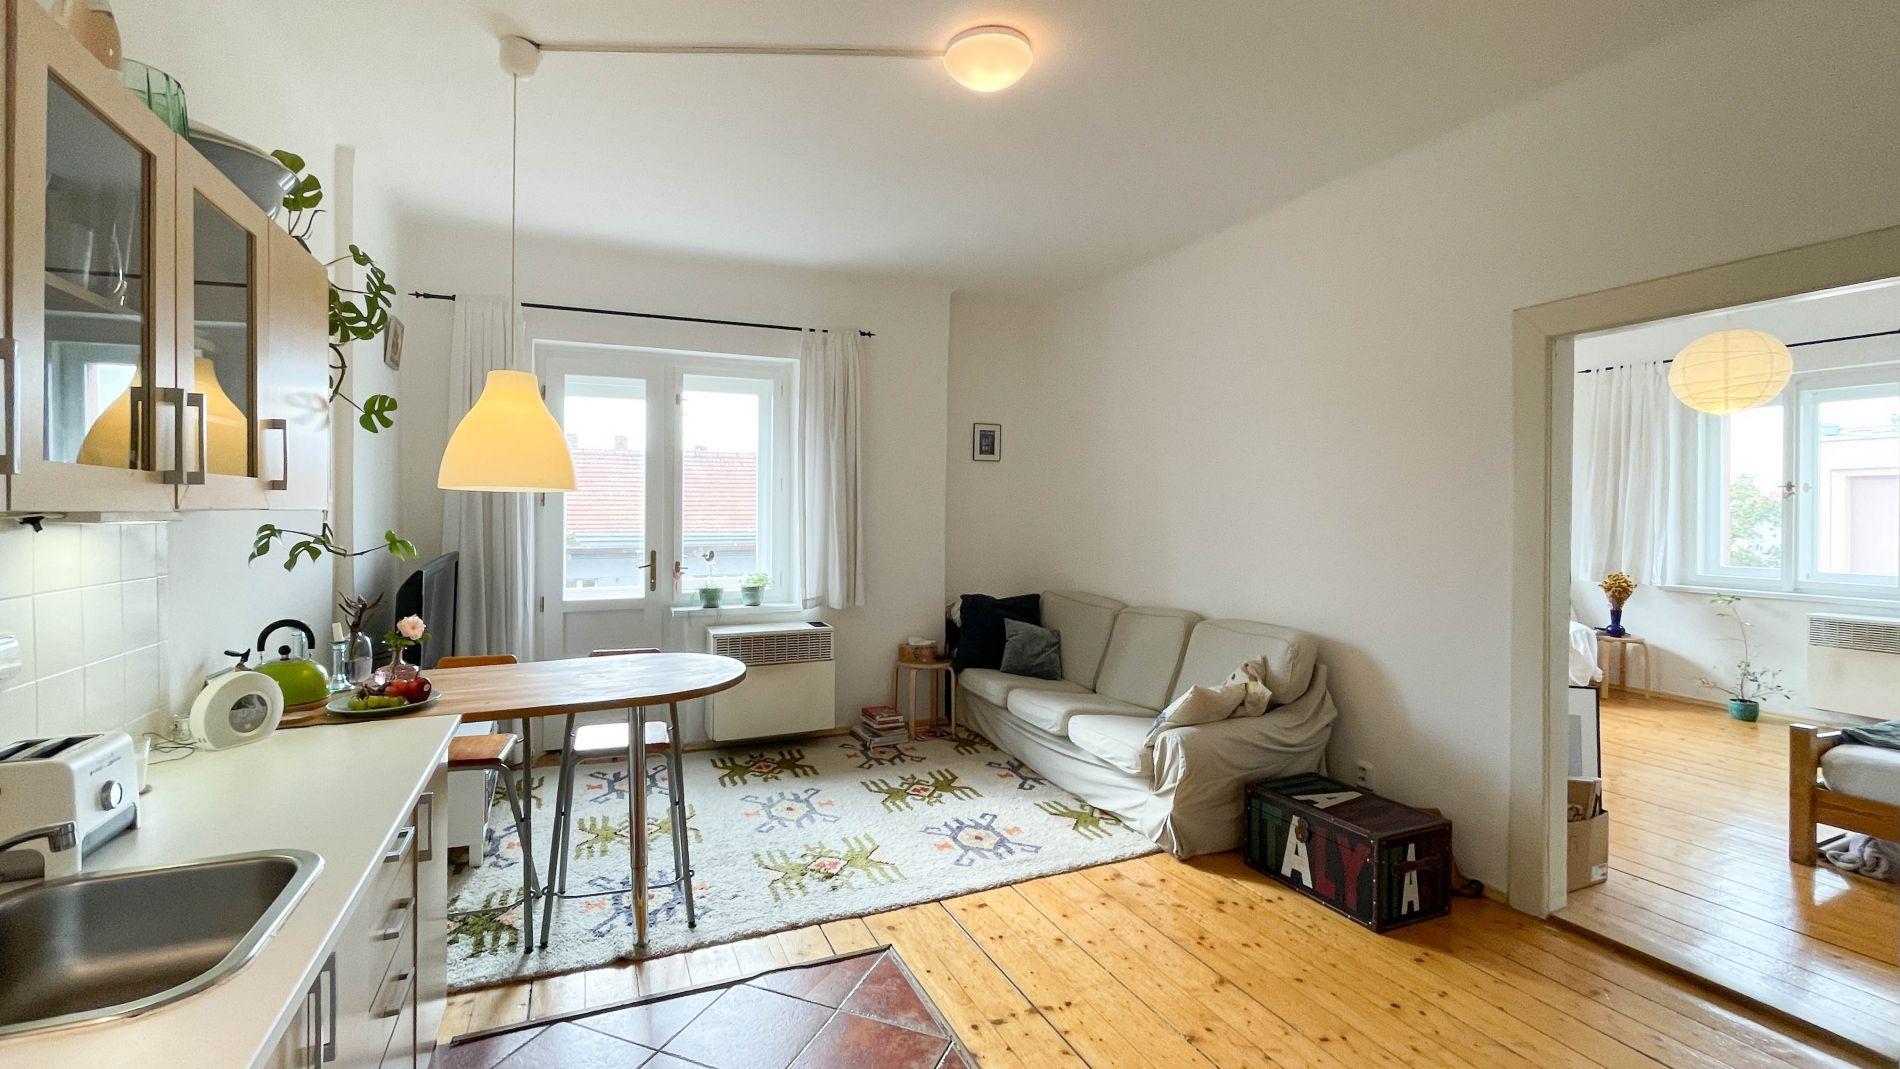 K pronájmu slunný, částečně zařízený byt 2+kk, 52m2, balkon, Biskupcova ulice, Praha 3, Žižkov